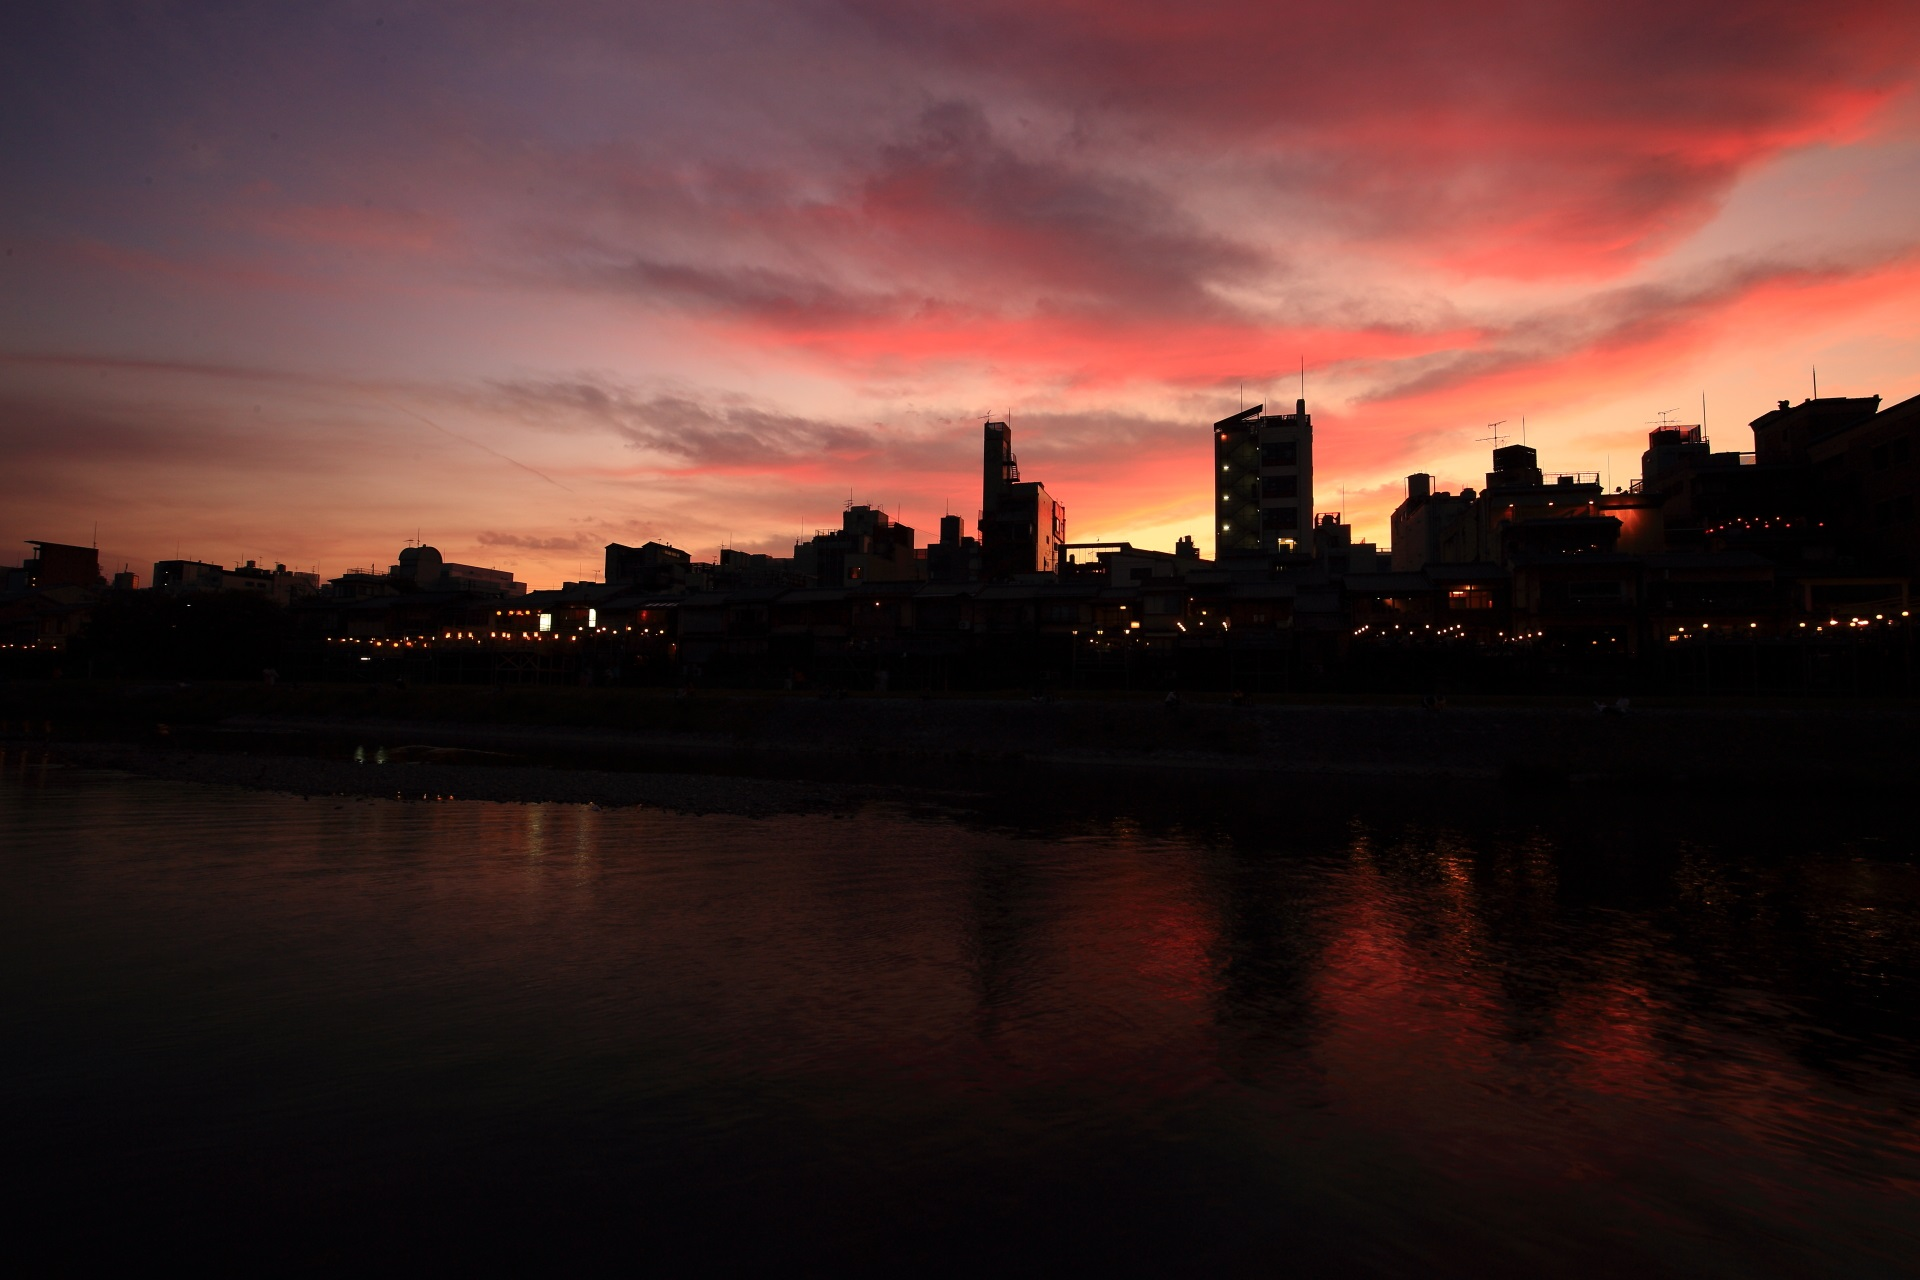 雲と空が赤く染まる鴨川